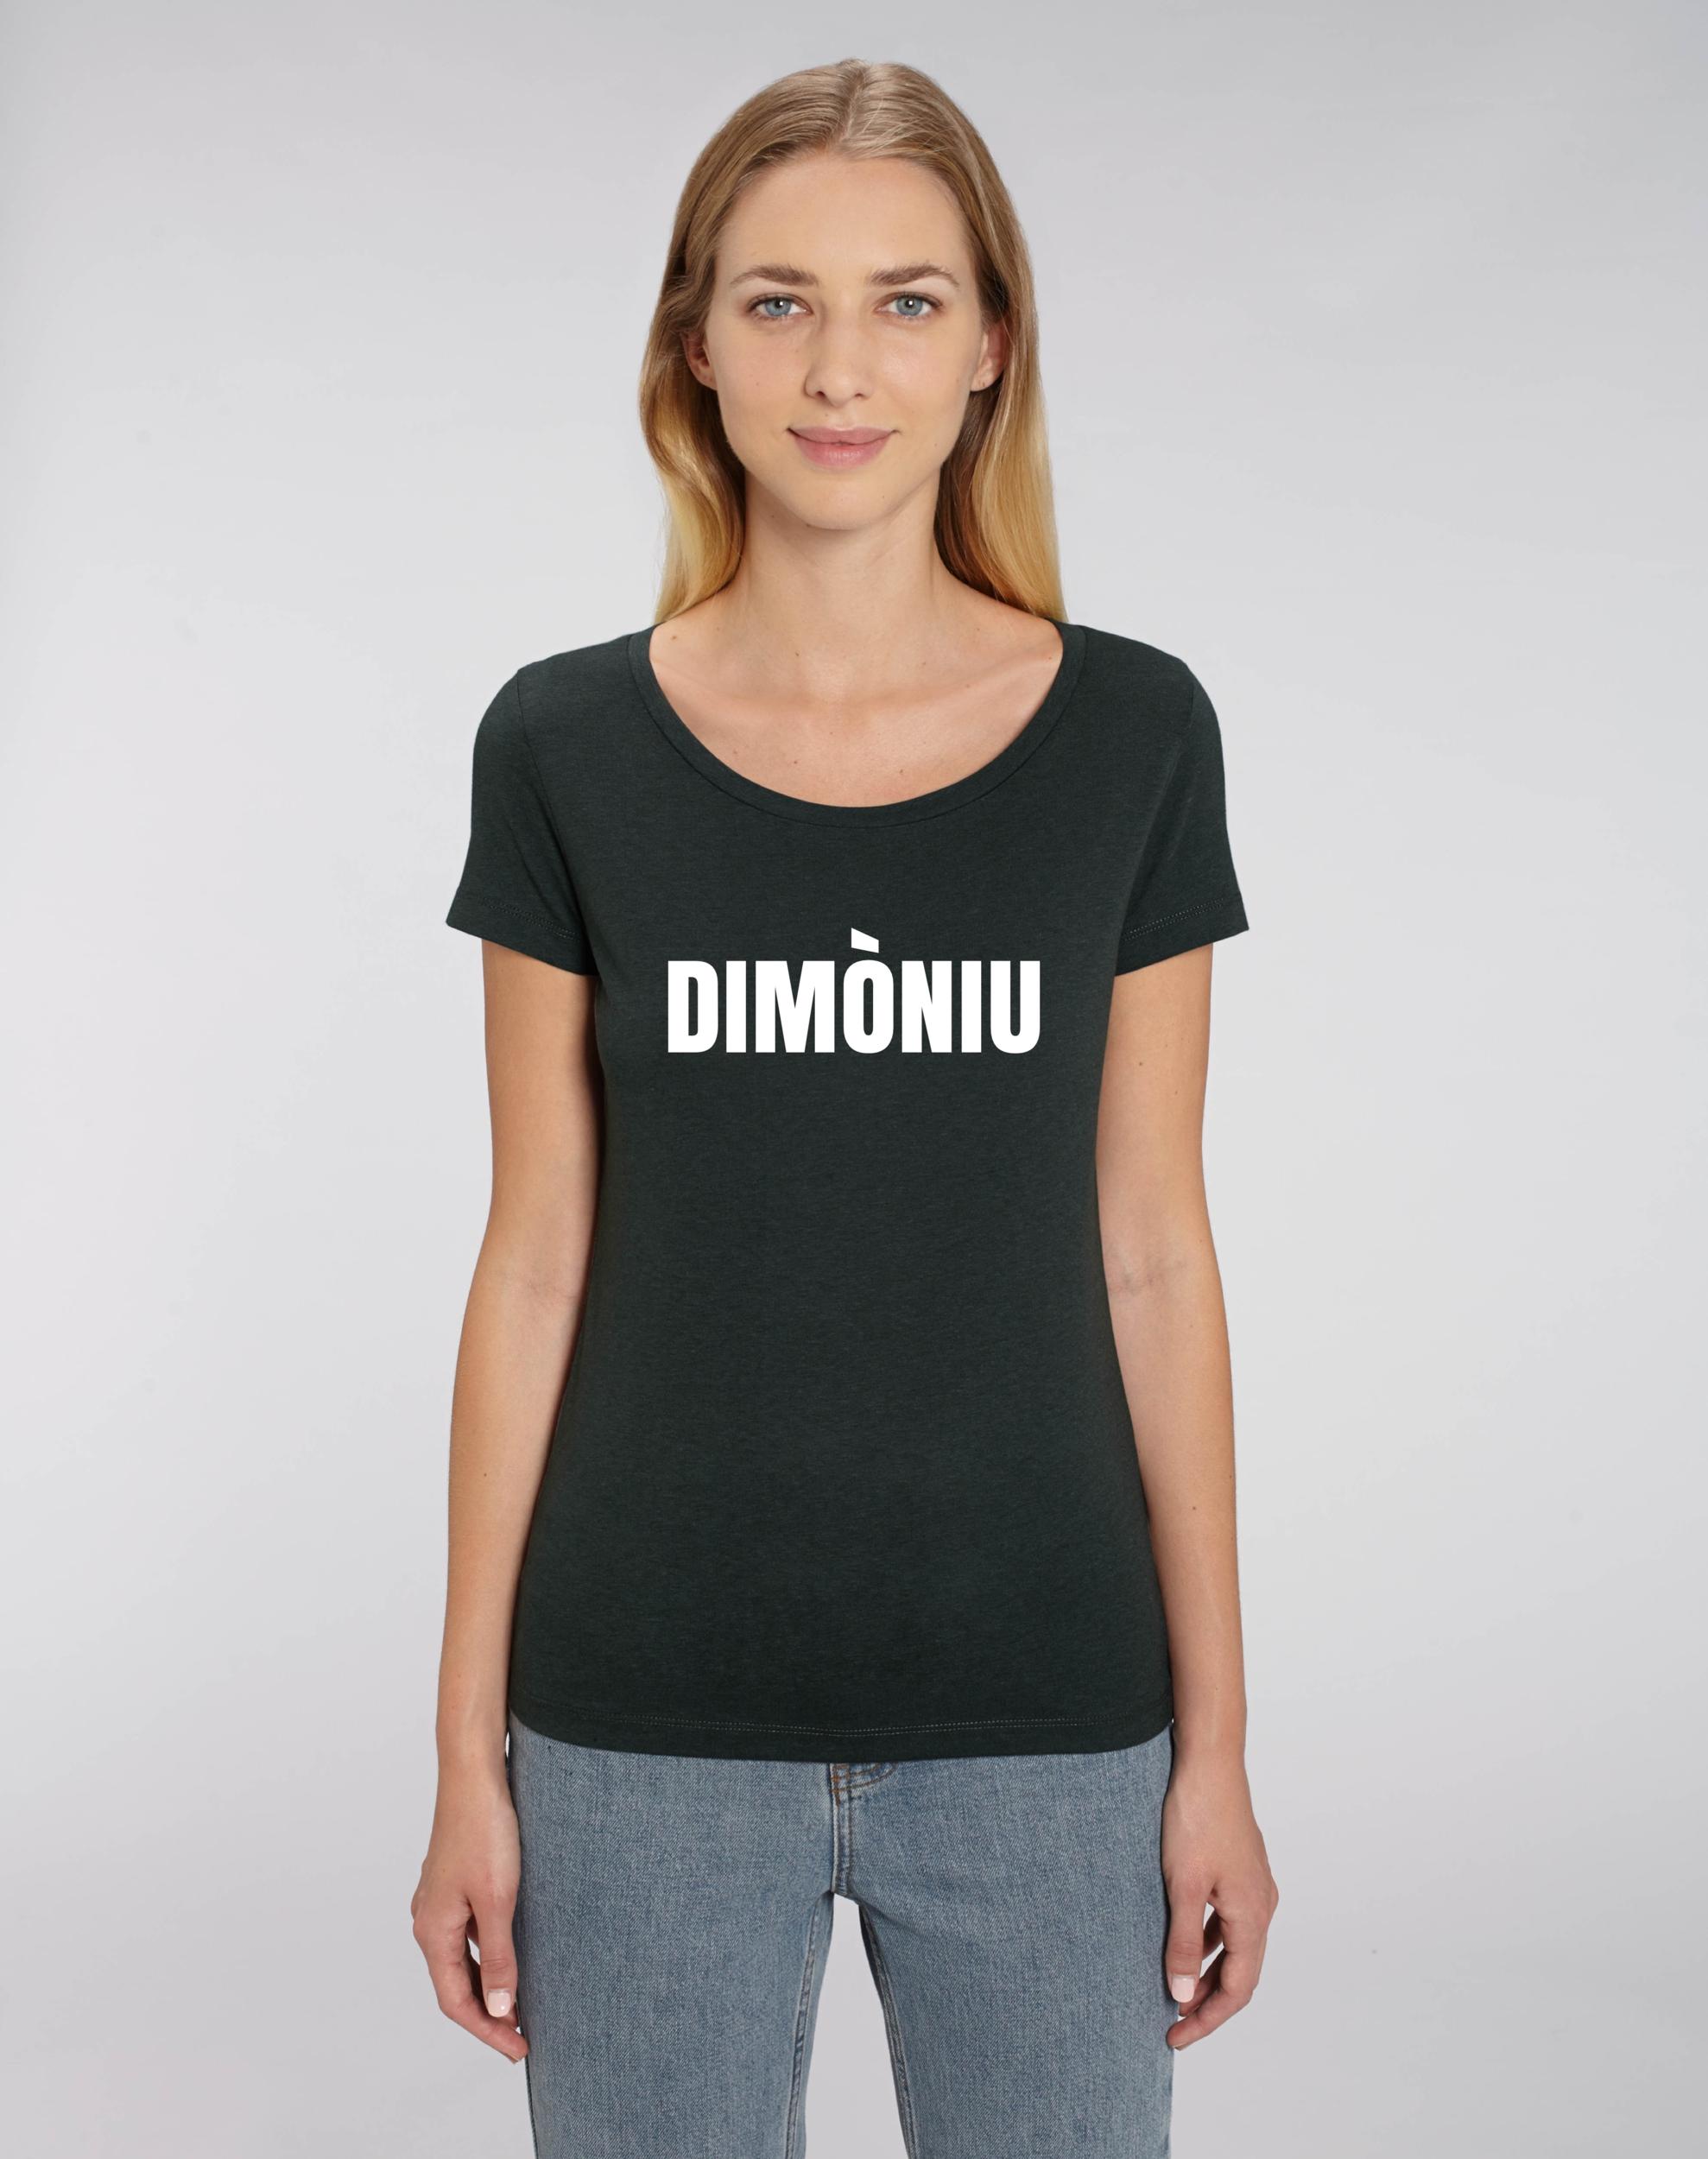 DIMONIU